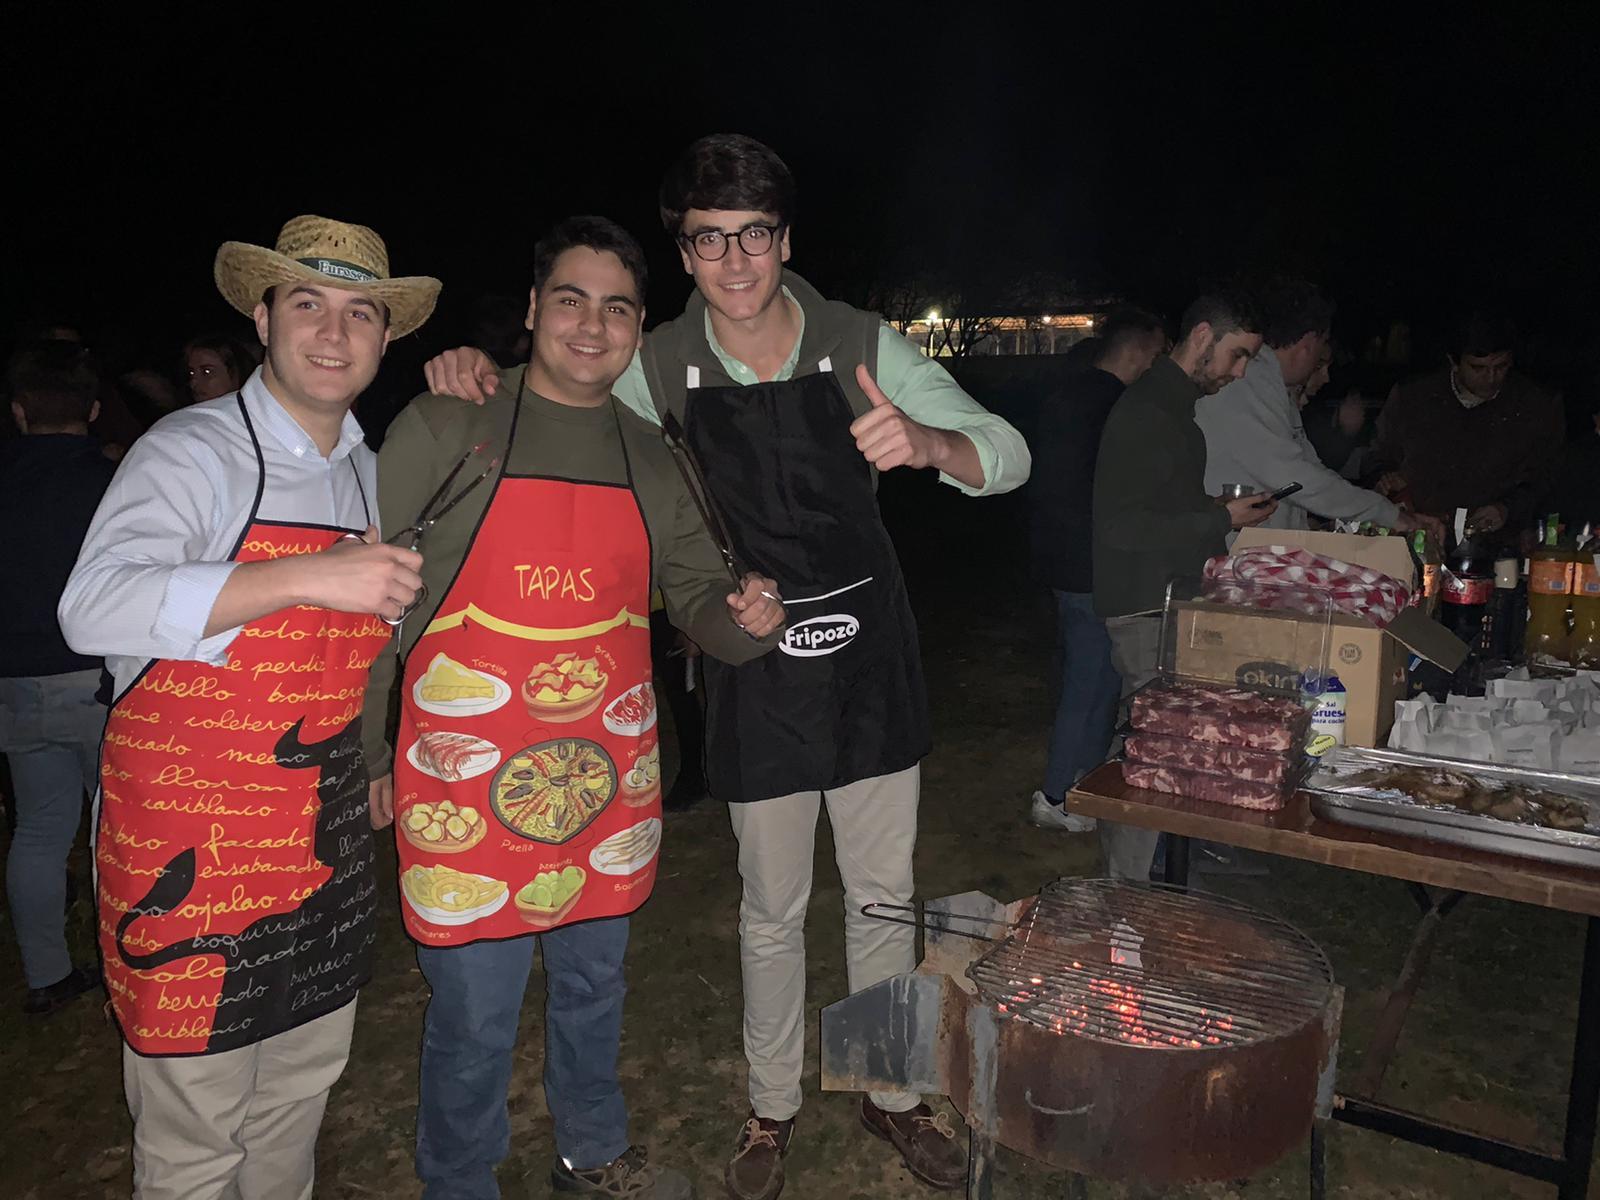 Los residentes de Torrealba celebraron la tradicional fiesta de la Candelaria con una barbacoa y cante rociero